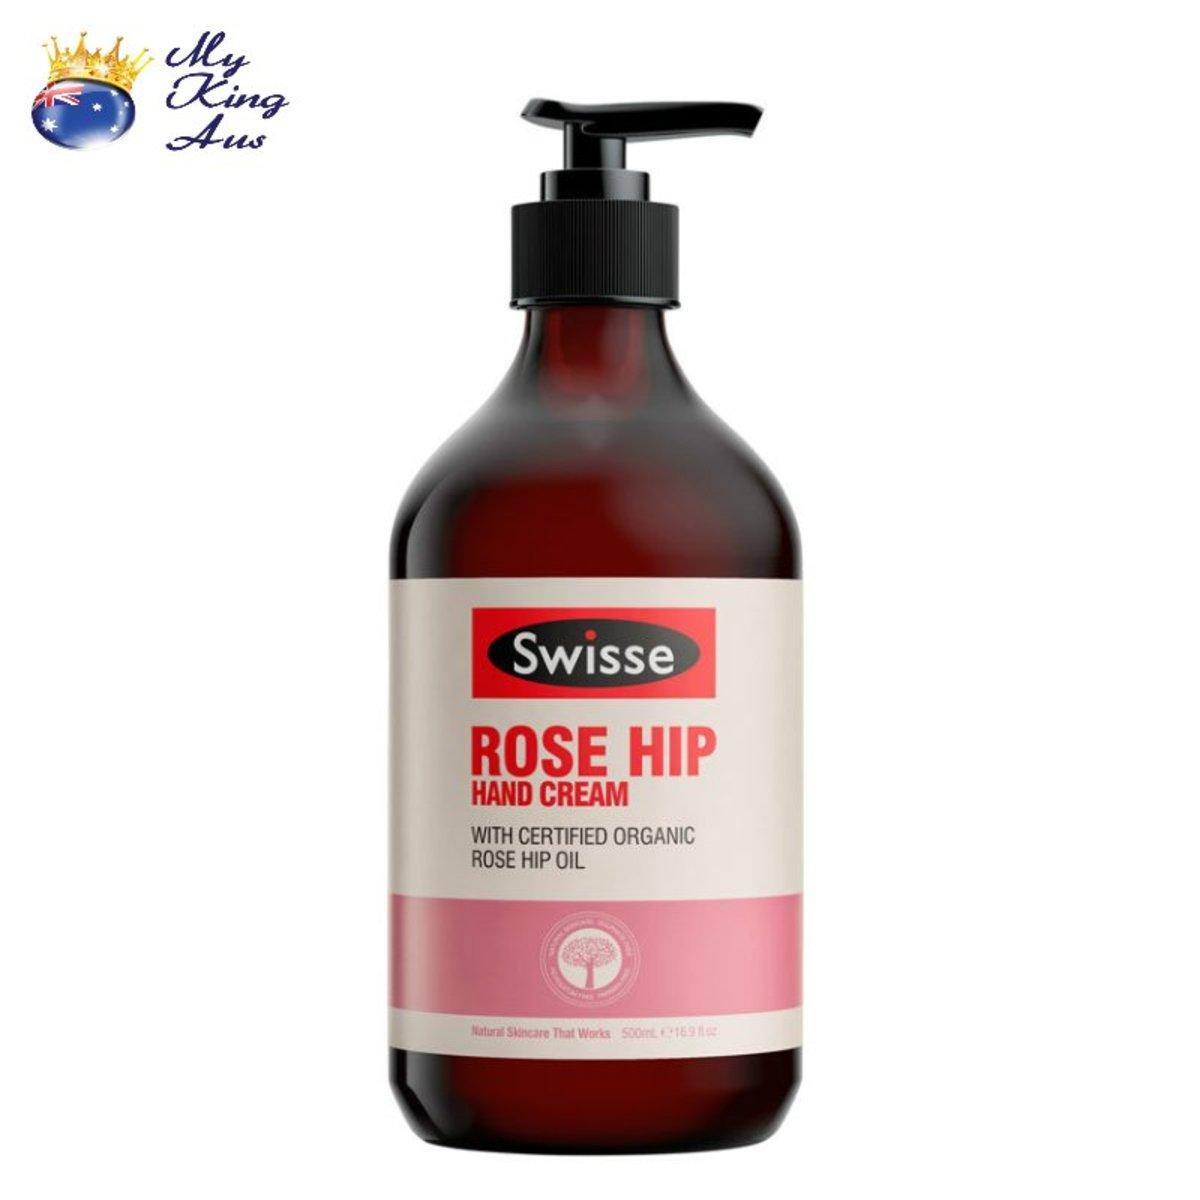 野玫瑰油護手霜500ml  (此為平行進口產品)